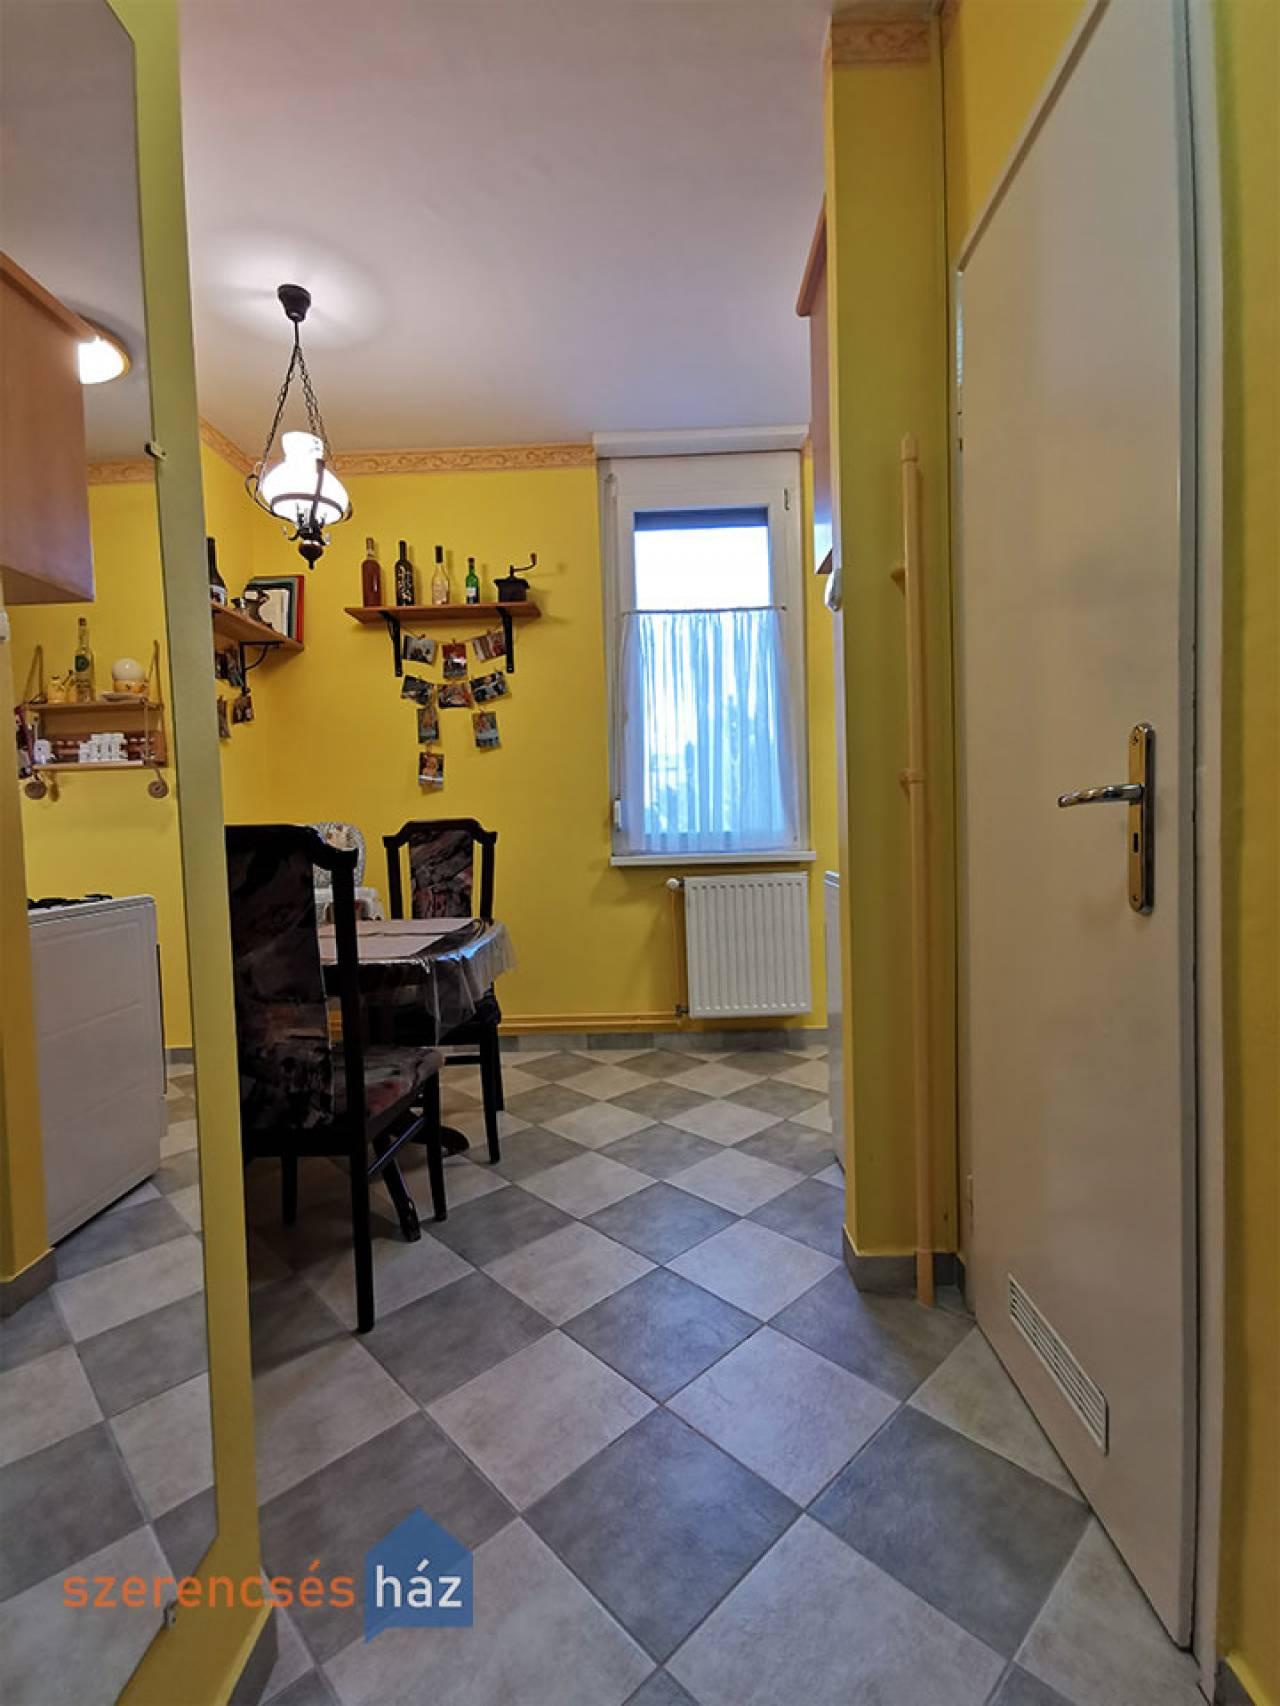 Fiatalos lakás a József Attila lakótelepen